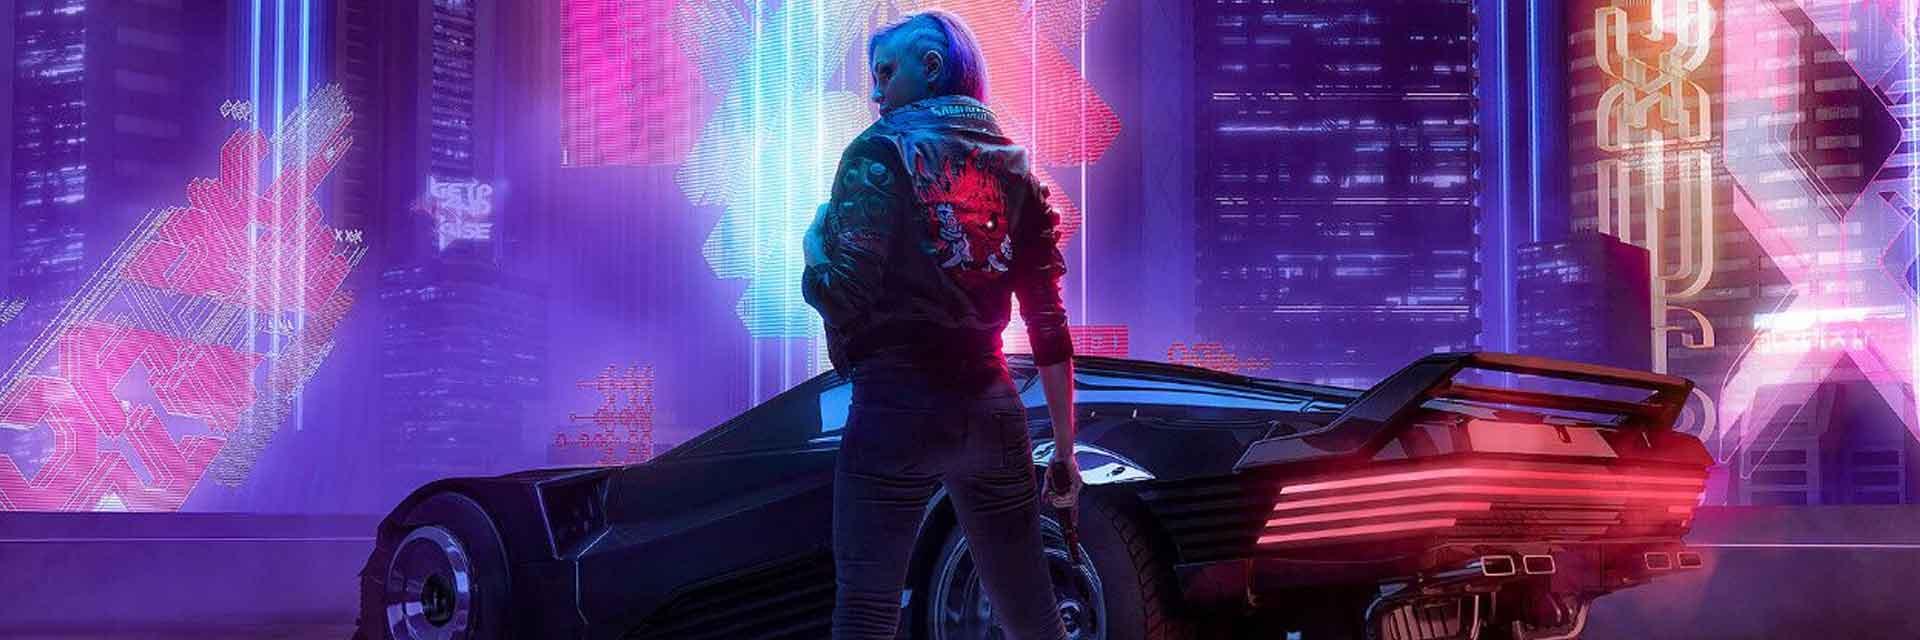 leaked gameplay cyberpunk